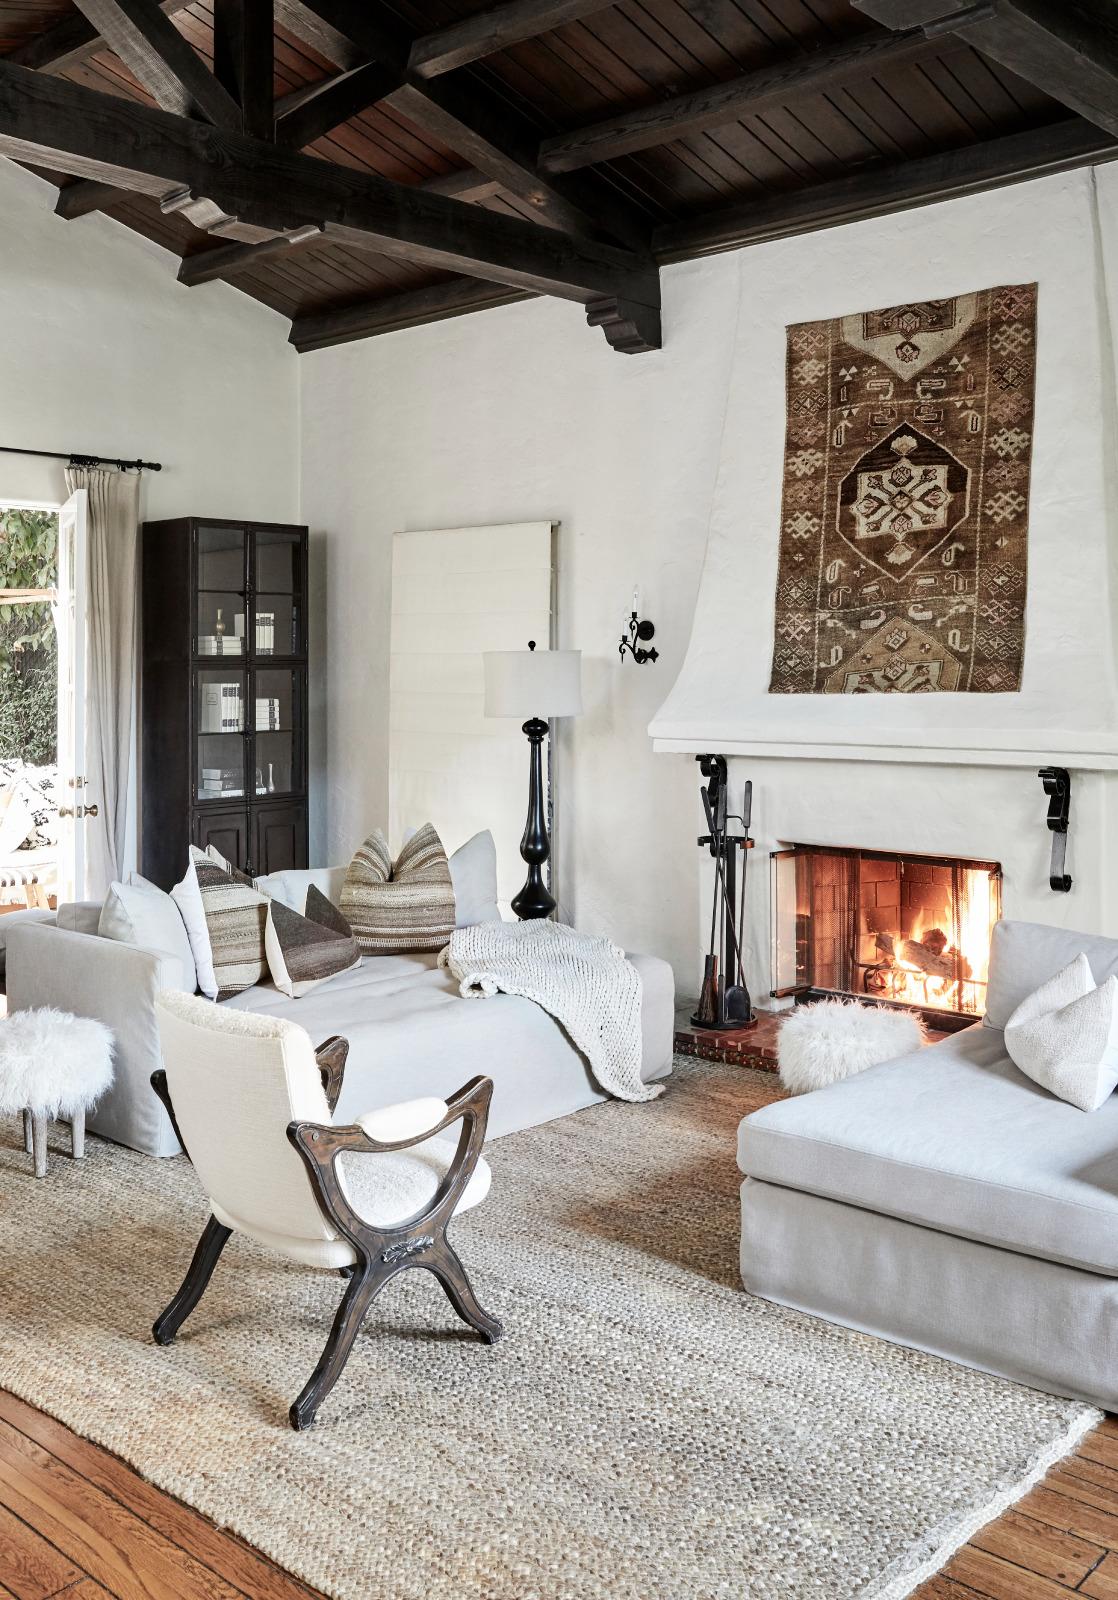 Van Der Beek's Cali Cool Home